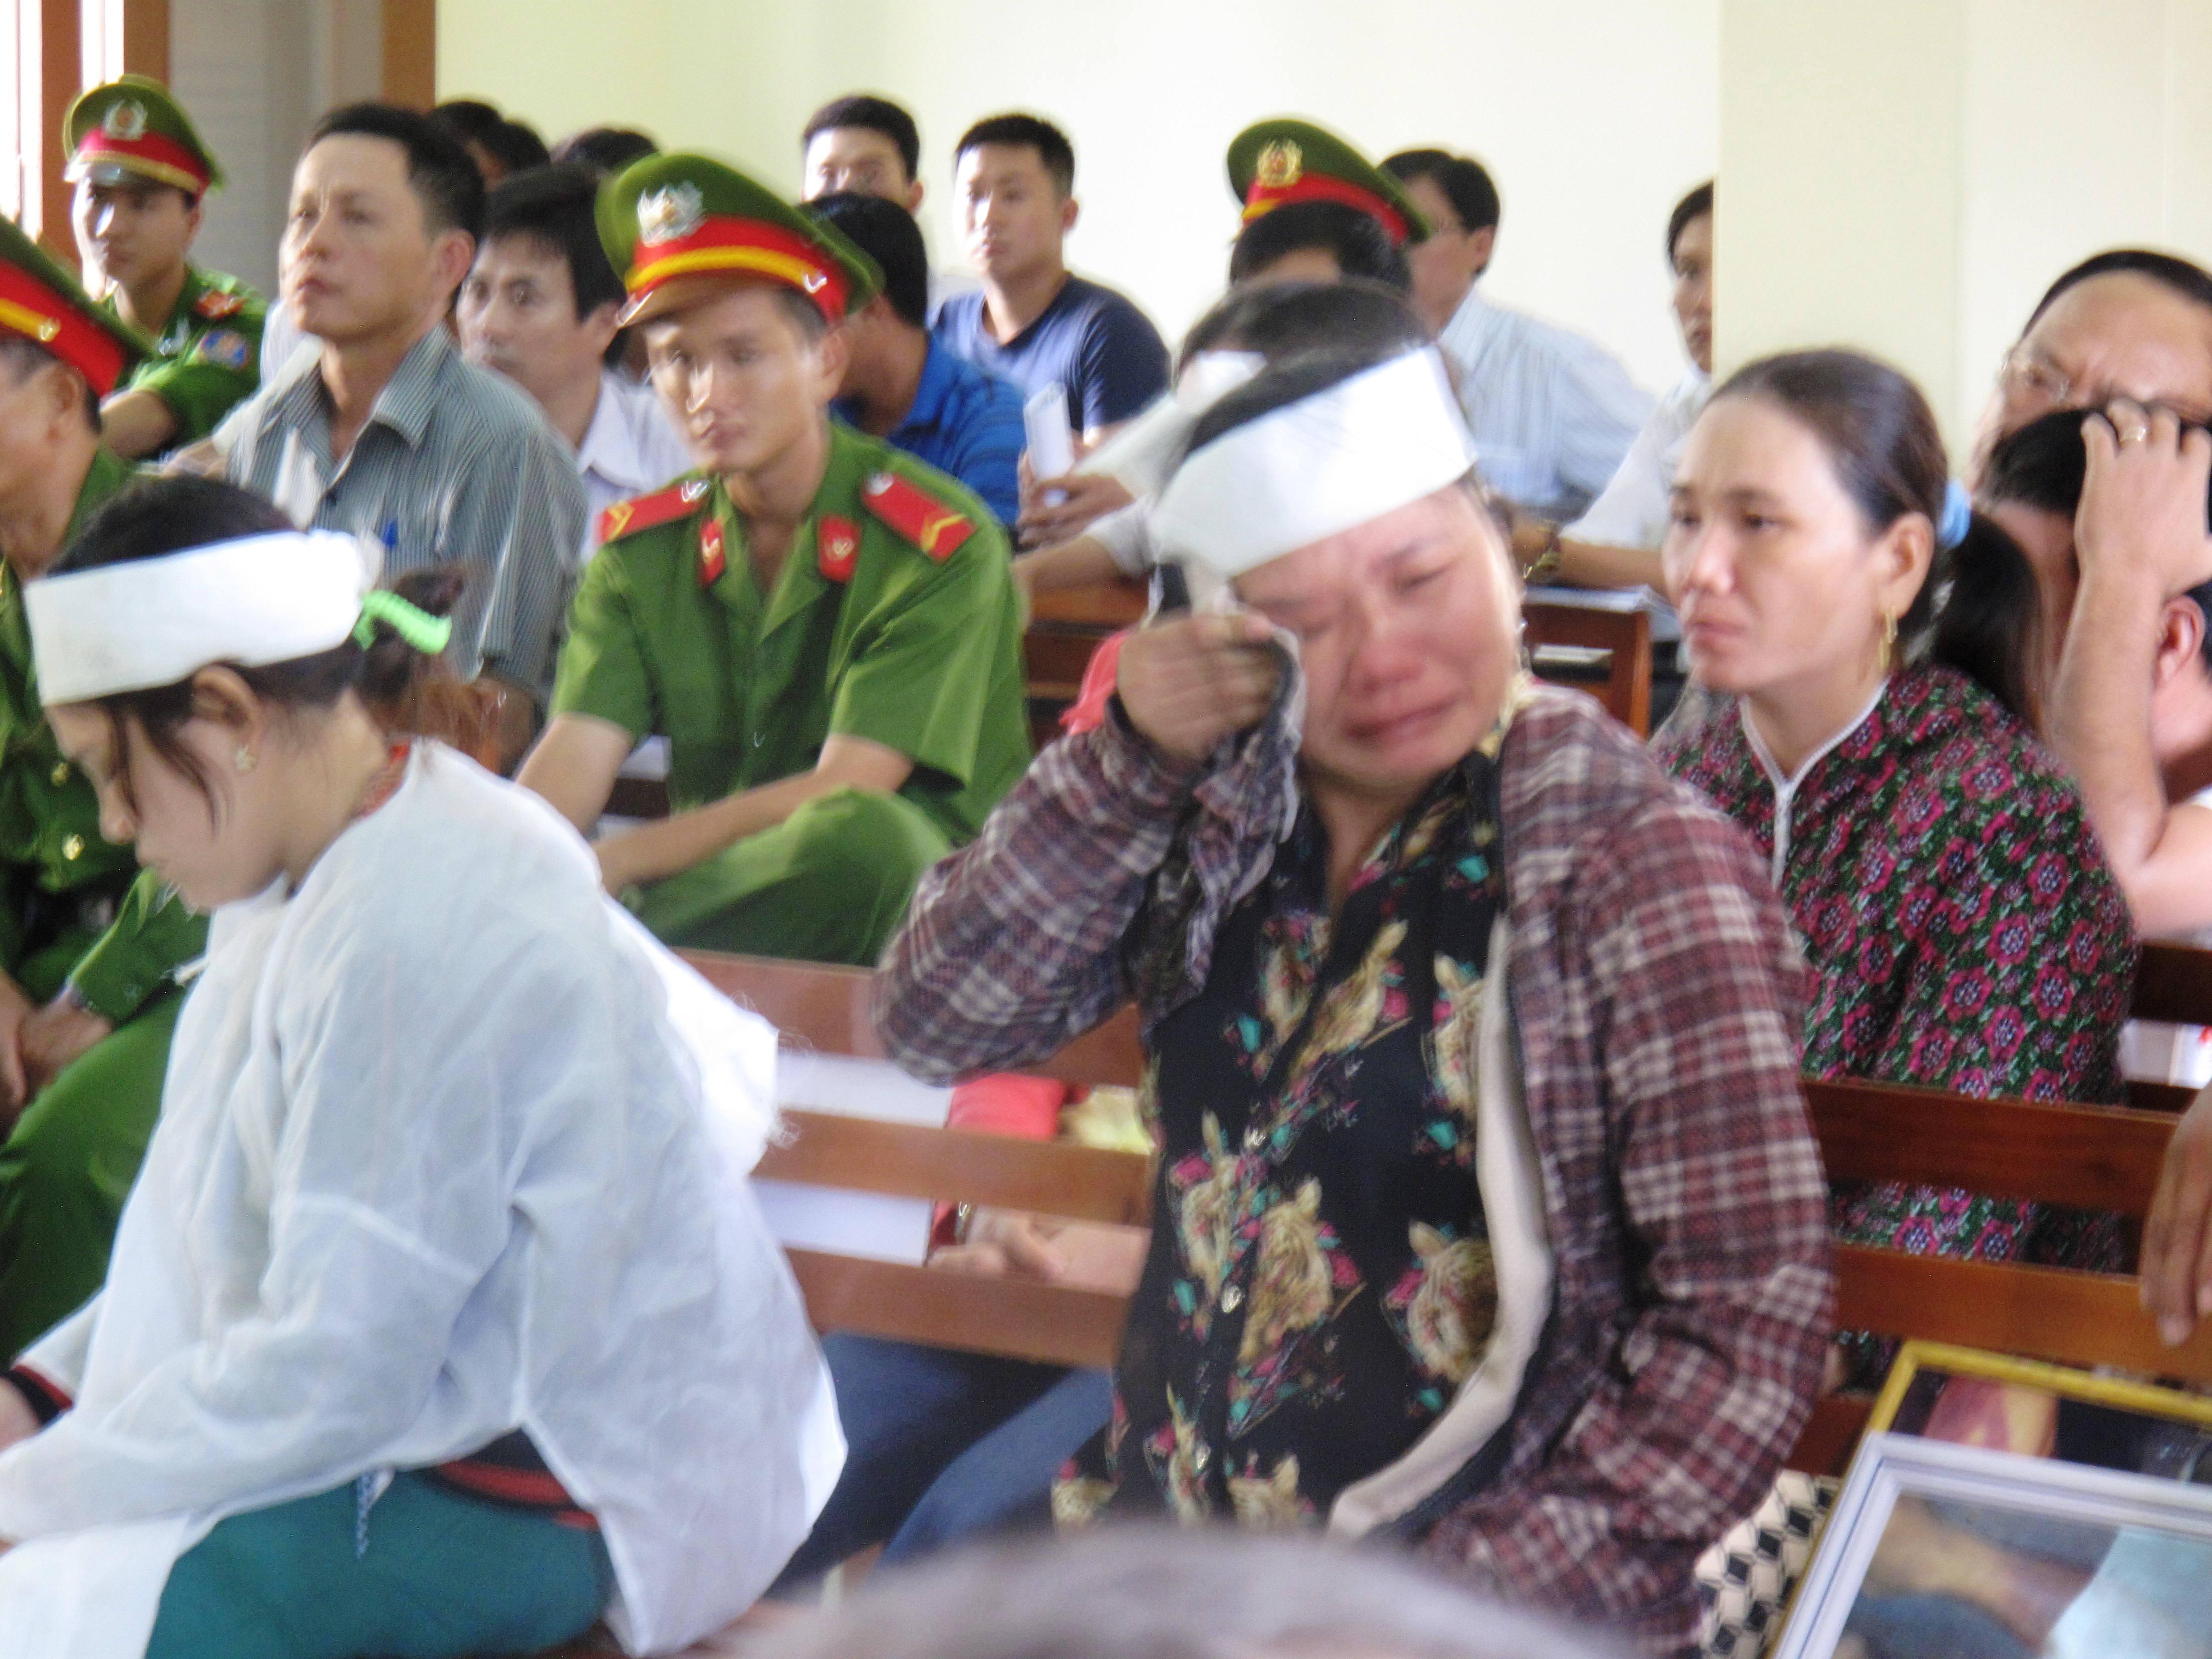 Quá bức xúc, bà Ngô Thị Tuyết (chị của bị hại Kiều) òa khóc